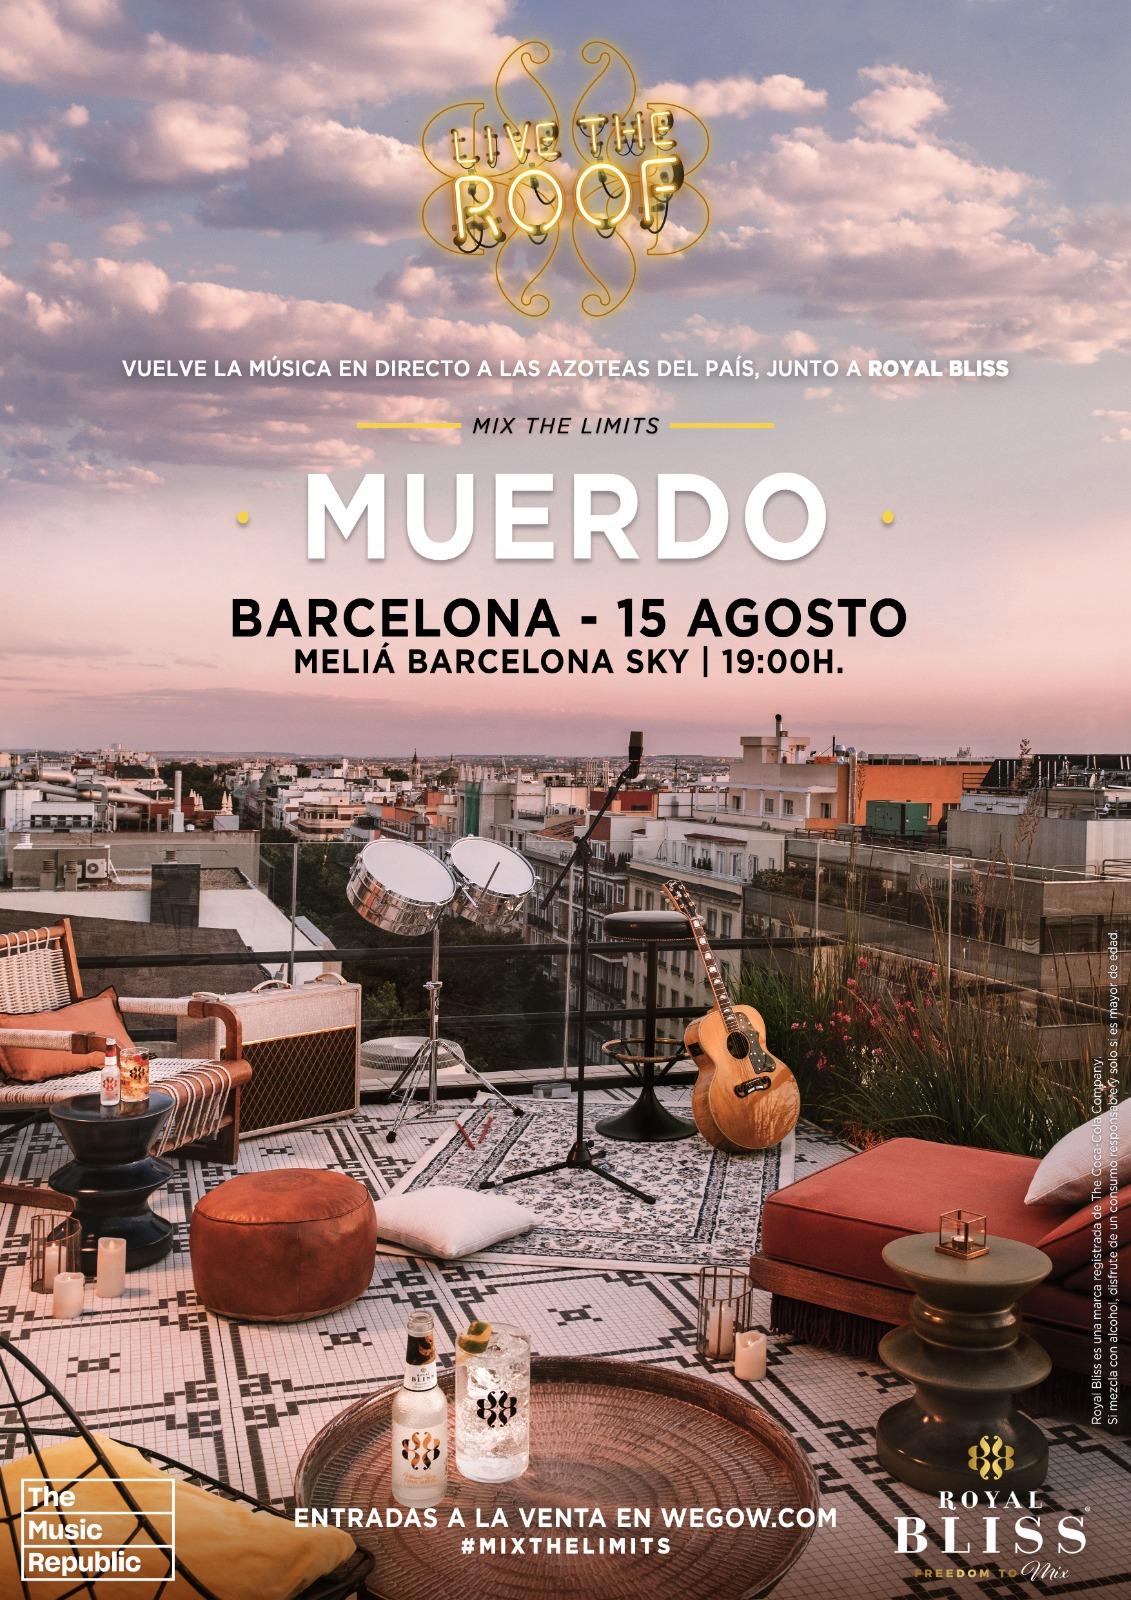 muerdo en live the roof barcelona 16237432492080753